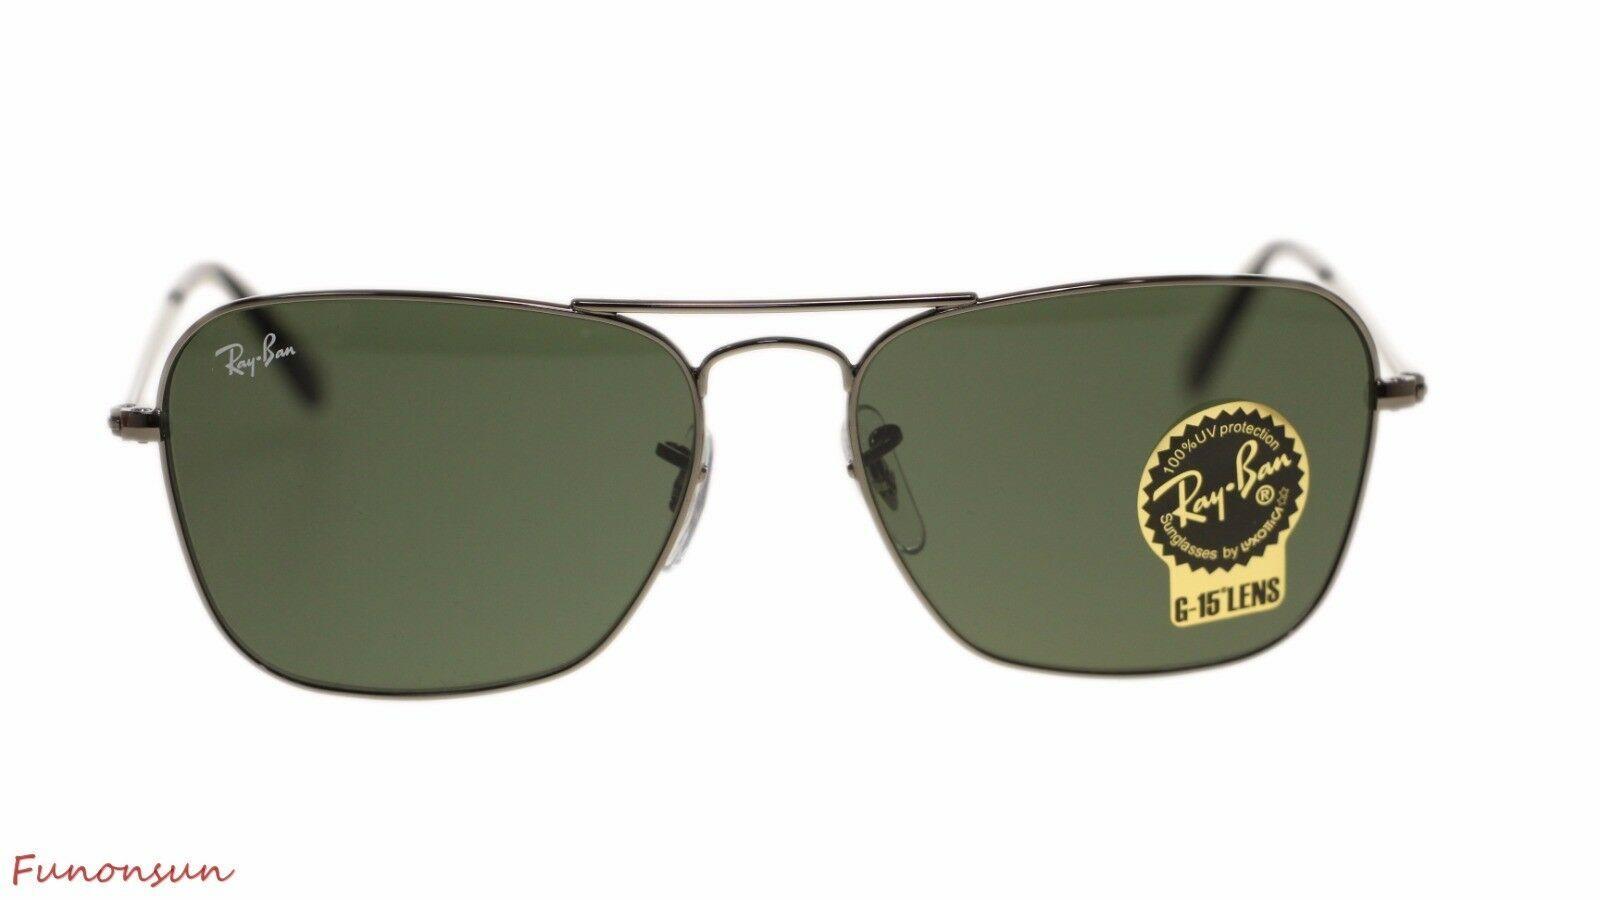 Ray Ban Occhiali da Sole da Uomo RB3136 004 Gunmetal Lente Verde 58mm Autentico